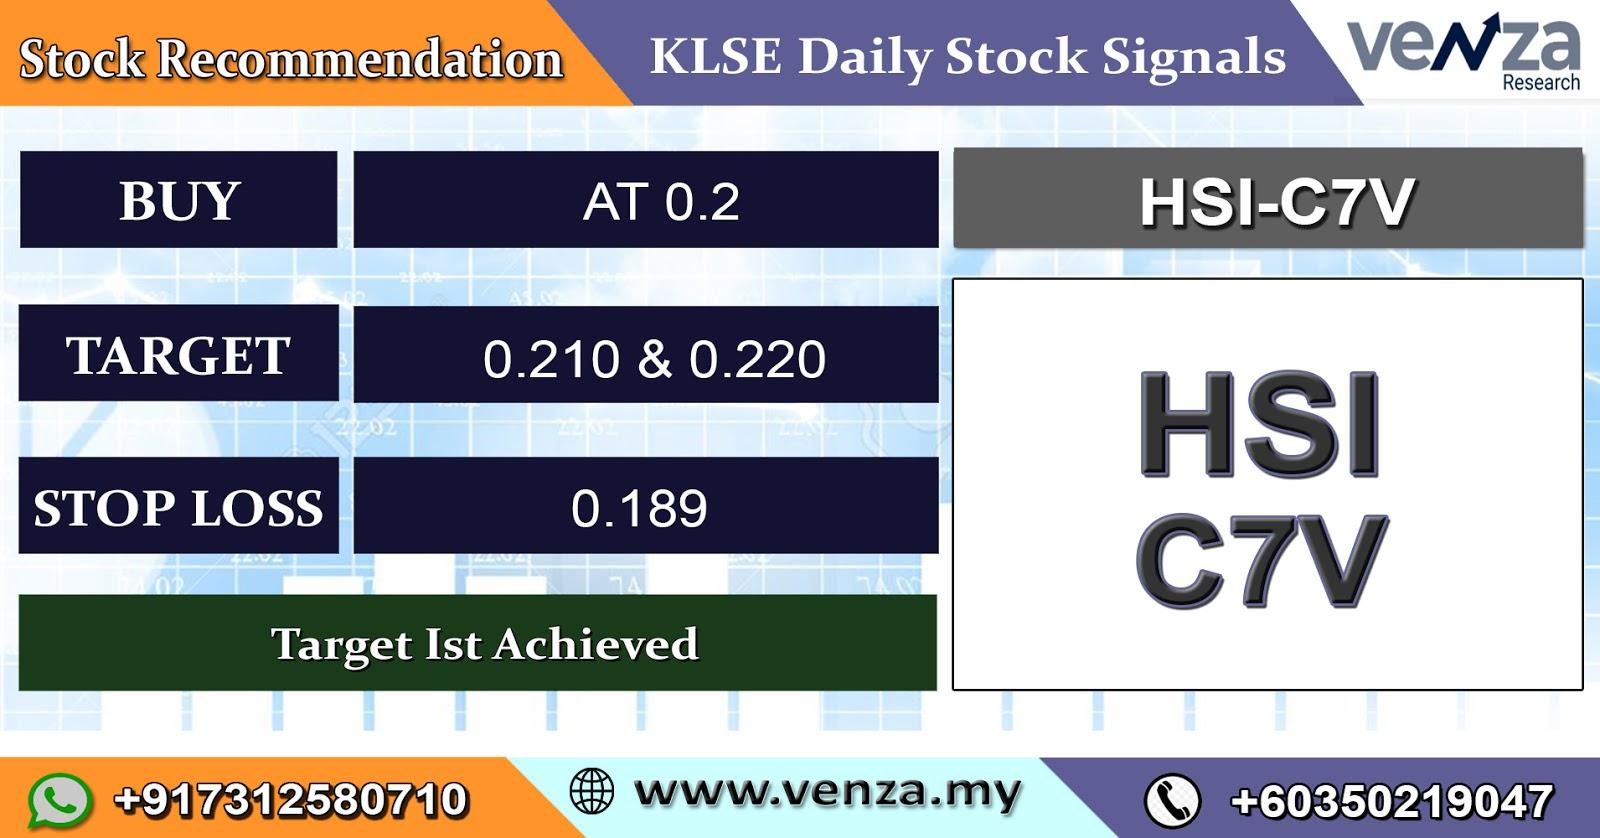 KLSE Intraday Tips: KLSE HSI-C7V Stock Signals 27 Feb 2020